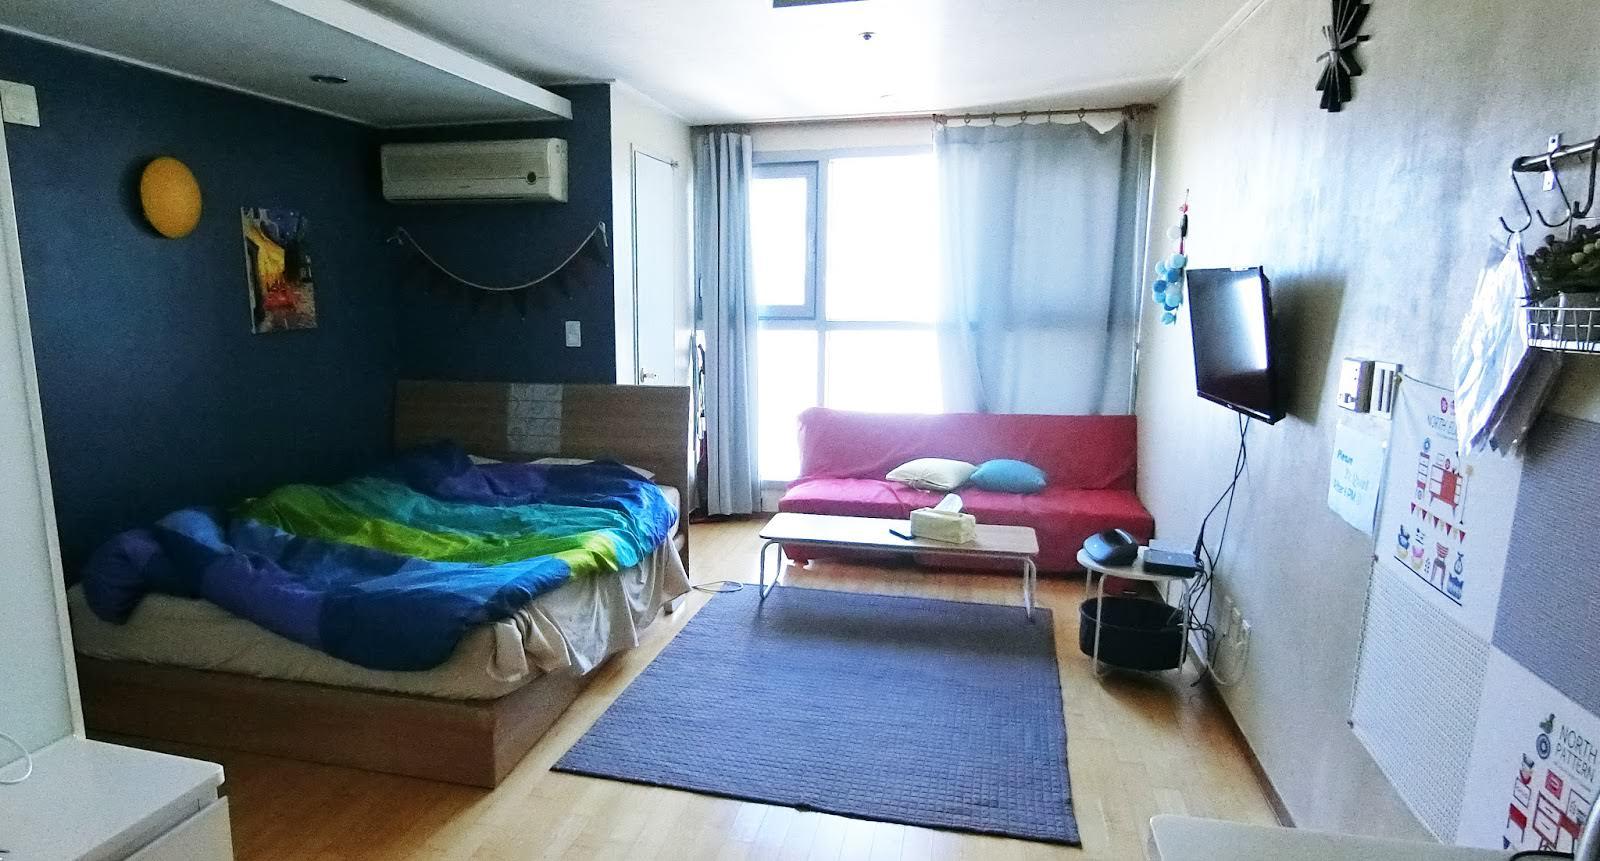 釜山住宿 鄰近西面、釜岩站的兩人民宿Airbnb,廚房、便利商店、舒適空間